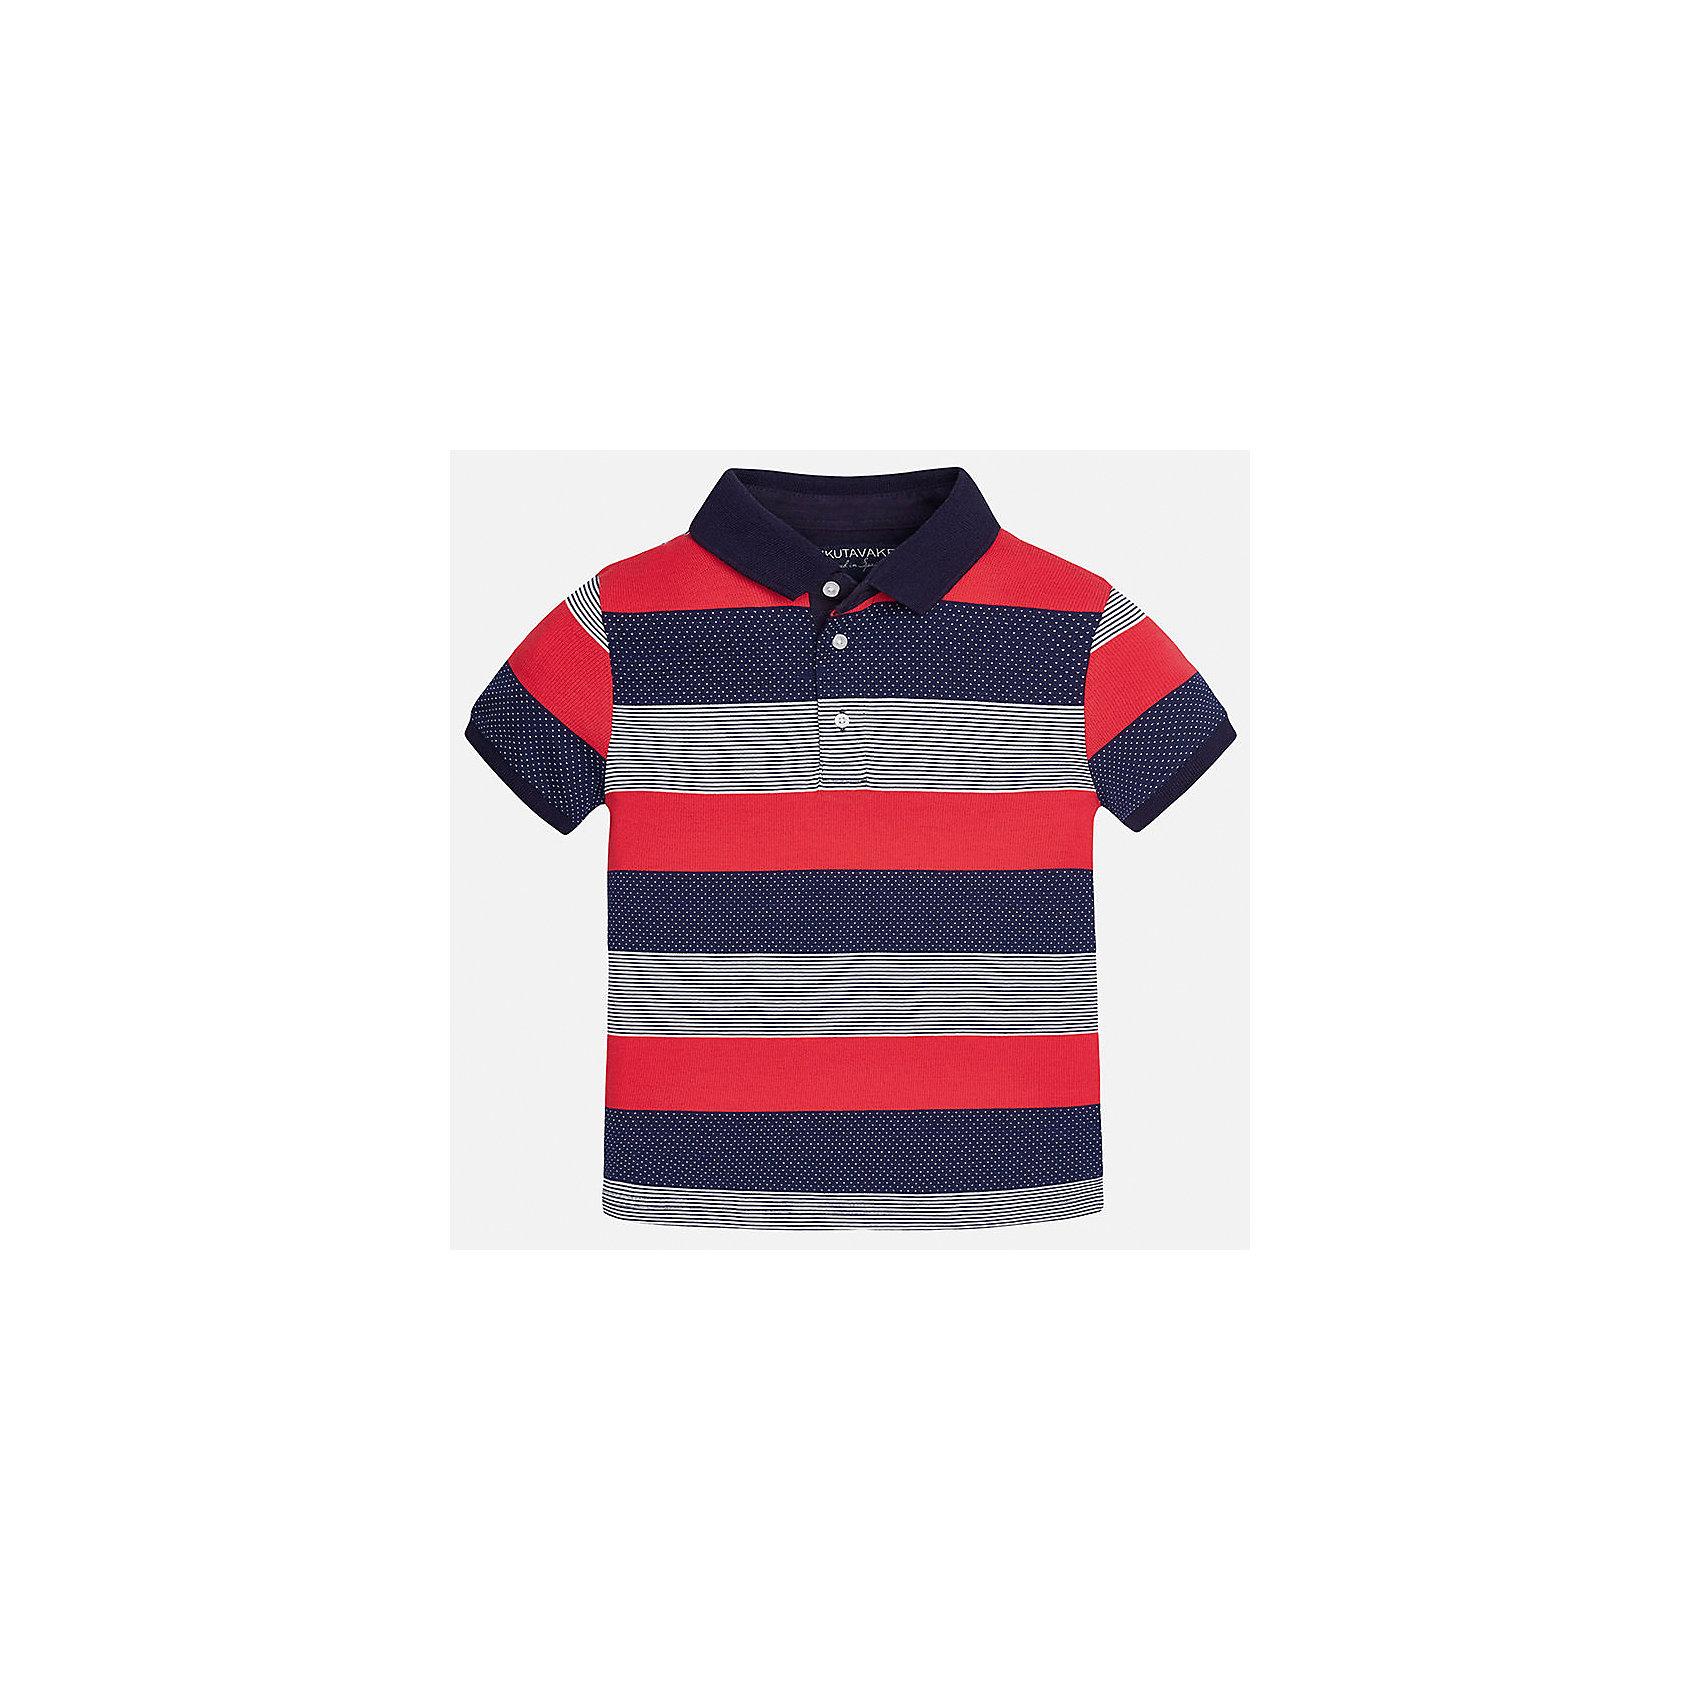 Футболка-поло для мальчика MayoralФутболки, поло и топы<br>Характеристики товара:<br><br>• цвет: красный/синий/серый<br>• состав: 100% хлопок<br>• отложной воротник<br>• декорирована вышивкой<br>• короткие рукава<br>• застежки: пуговицы<br>• страна бренда: Испания<br><br>Удобная стильная футболка-поло поможет разнообразить гардероб мальчика. Она отлично сочетается с брюками, шортами, джинсами. Универсальный крой и цвет позволяет подобрать к вещи низ разных расцветок. Практичное и стильное изделие! Хорошо смотрится и комфортно сидит на детях. В составе материала - только натуральный хлопок, гипоаллергенный, приятный на ощупь, дышащий. <br><br>Одежда, обувь и аксессуары от испанского бренда Mayoral полюбились детям и взрослым по всему миру. Модели этой марки - стильные и удобные. Для их производства используются только безопасные, качественные материалы и фурнитура. Порадуйте ребенка модными и красивыми вещами от Mayoral! <br><br>Футболку-поло для мальчика от испанского бренда Mayoral (Майорал) можно купить в нашем интернет-магазине.<br><br>Ширина мм: 230<br>Глубина мм: 40<br>Высота мм: 220<br>Вес г: 250<br>Цвет: разноцветный<br>Возраст от месяцев: 144<br>Возраст до месяцев: 156<br>Пол: Мужской<br>Возраст: Детский<br>Размер: 164,158,140,152,128/134,170<br>SKU: 5281465